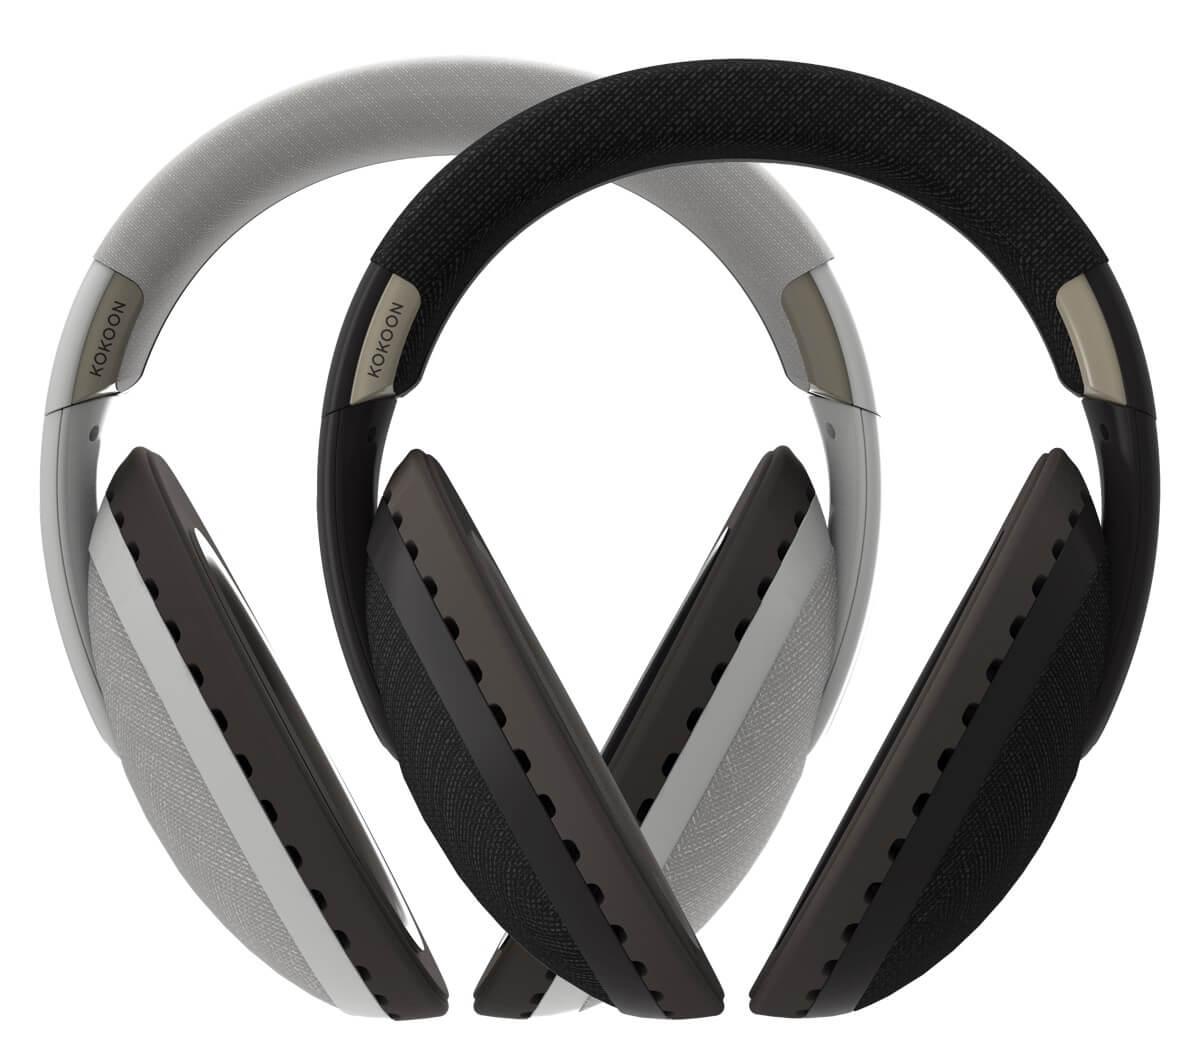 Best Headphones For Sleeping In 2019 ...